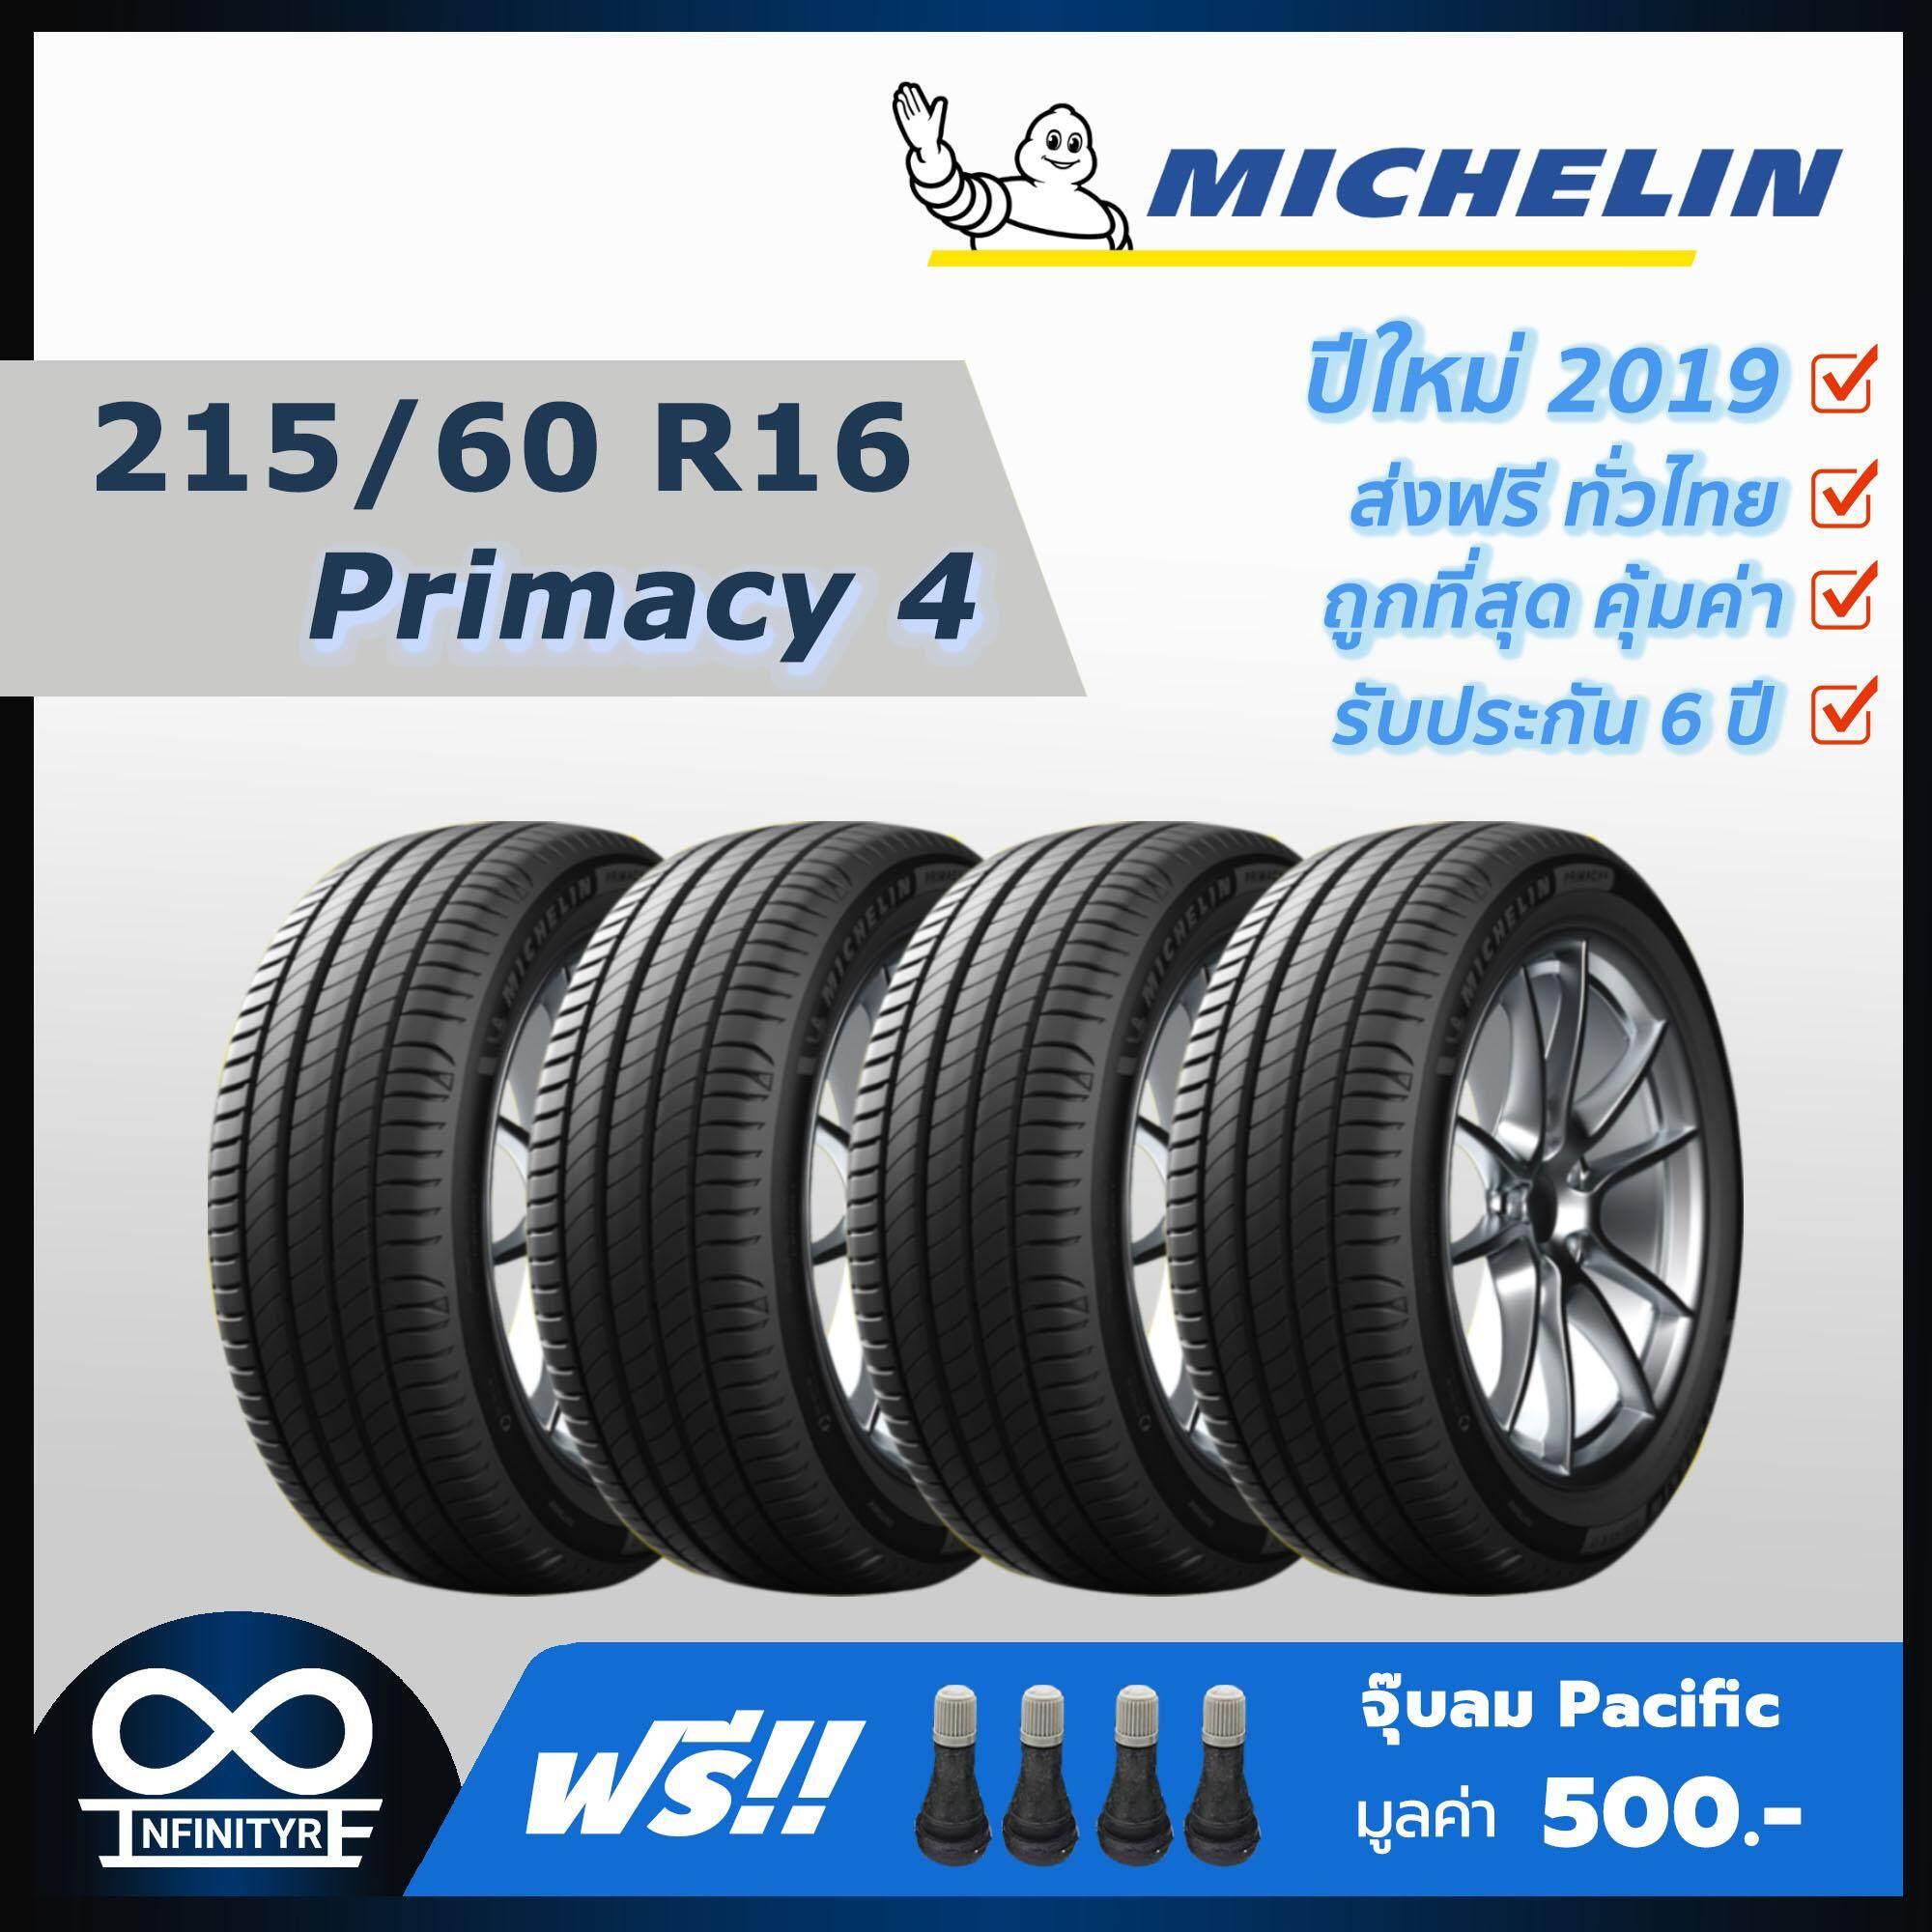 ประกันภัย รถยนต์ 3 พลัส ราคา ถูก พิจิตร 215/60R16 Michelin มิชลิน รุ่น Primacy 4 (ปี2019) 4เส้น (ฟรี! จุ๊บลมPacific เกรดพรีเมี่ยม)